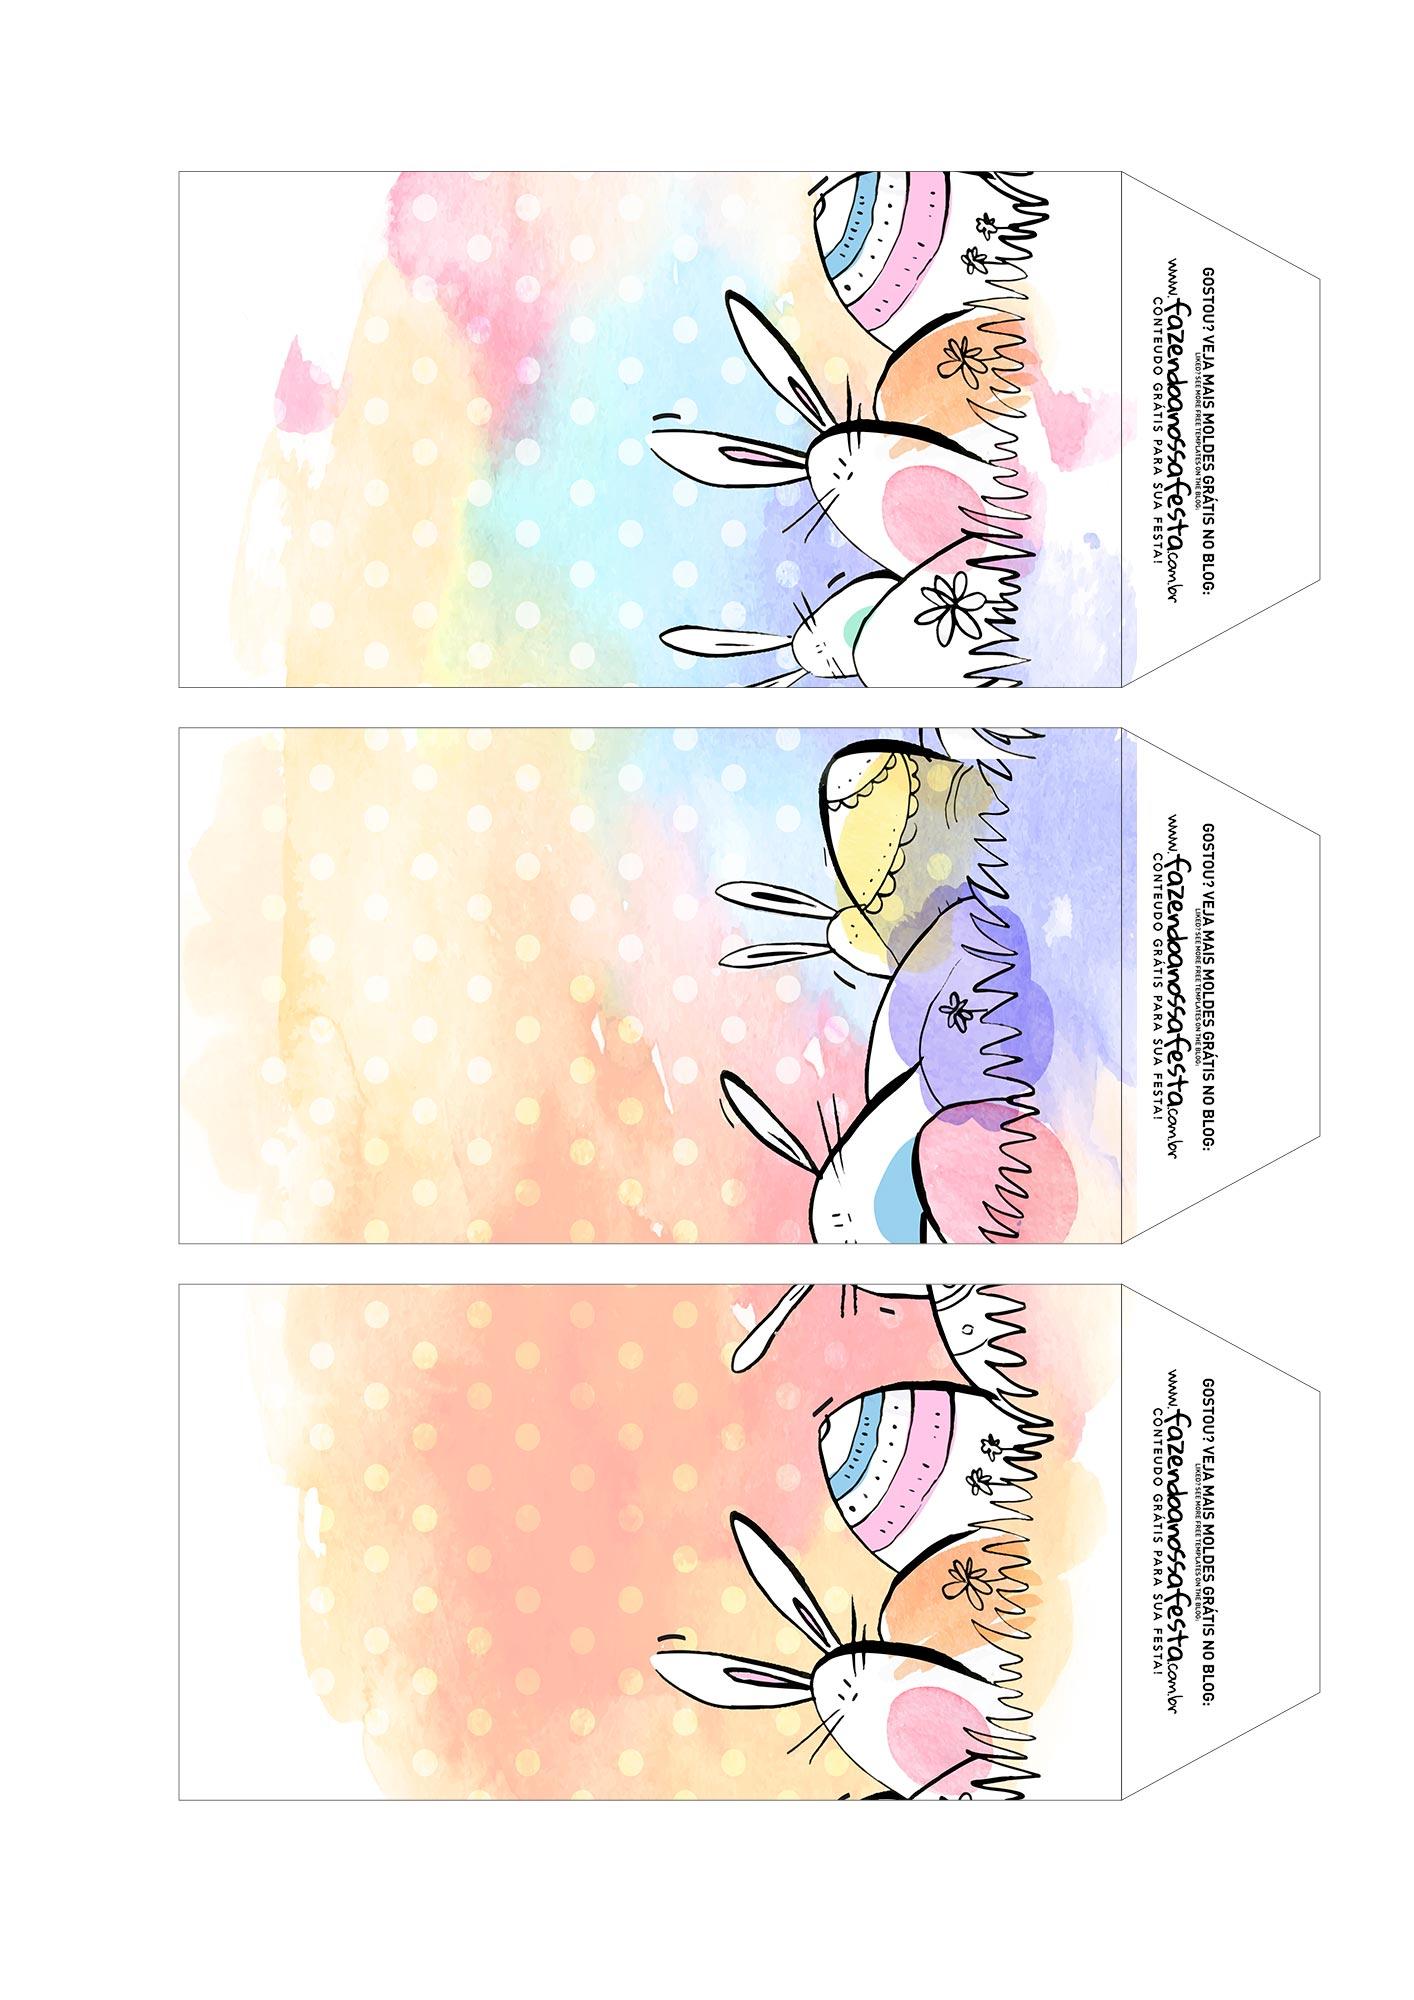 Caixa Explosao Pascoa colorida parte 7